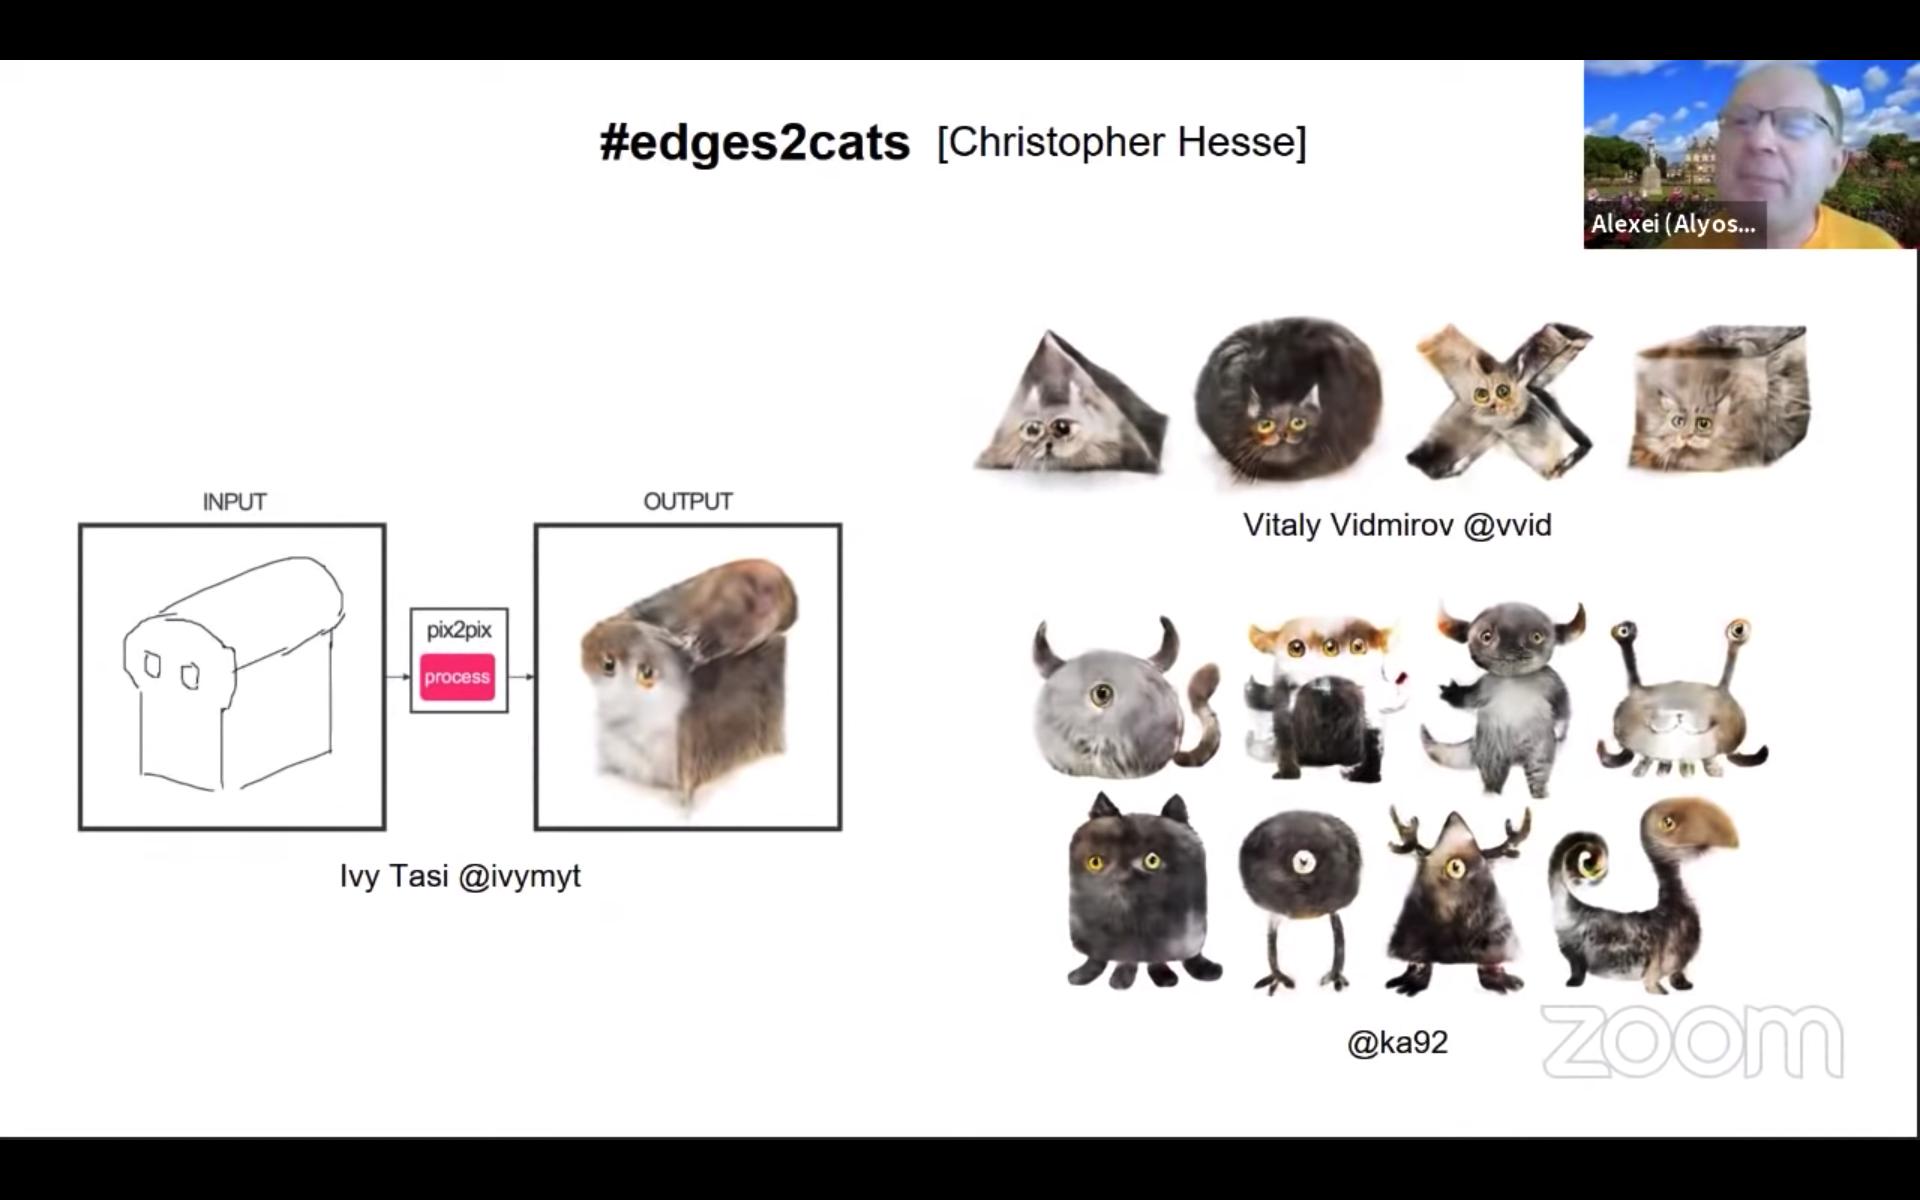 edges2cats